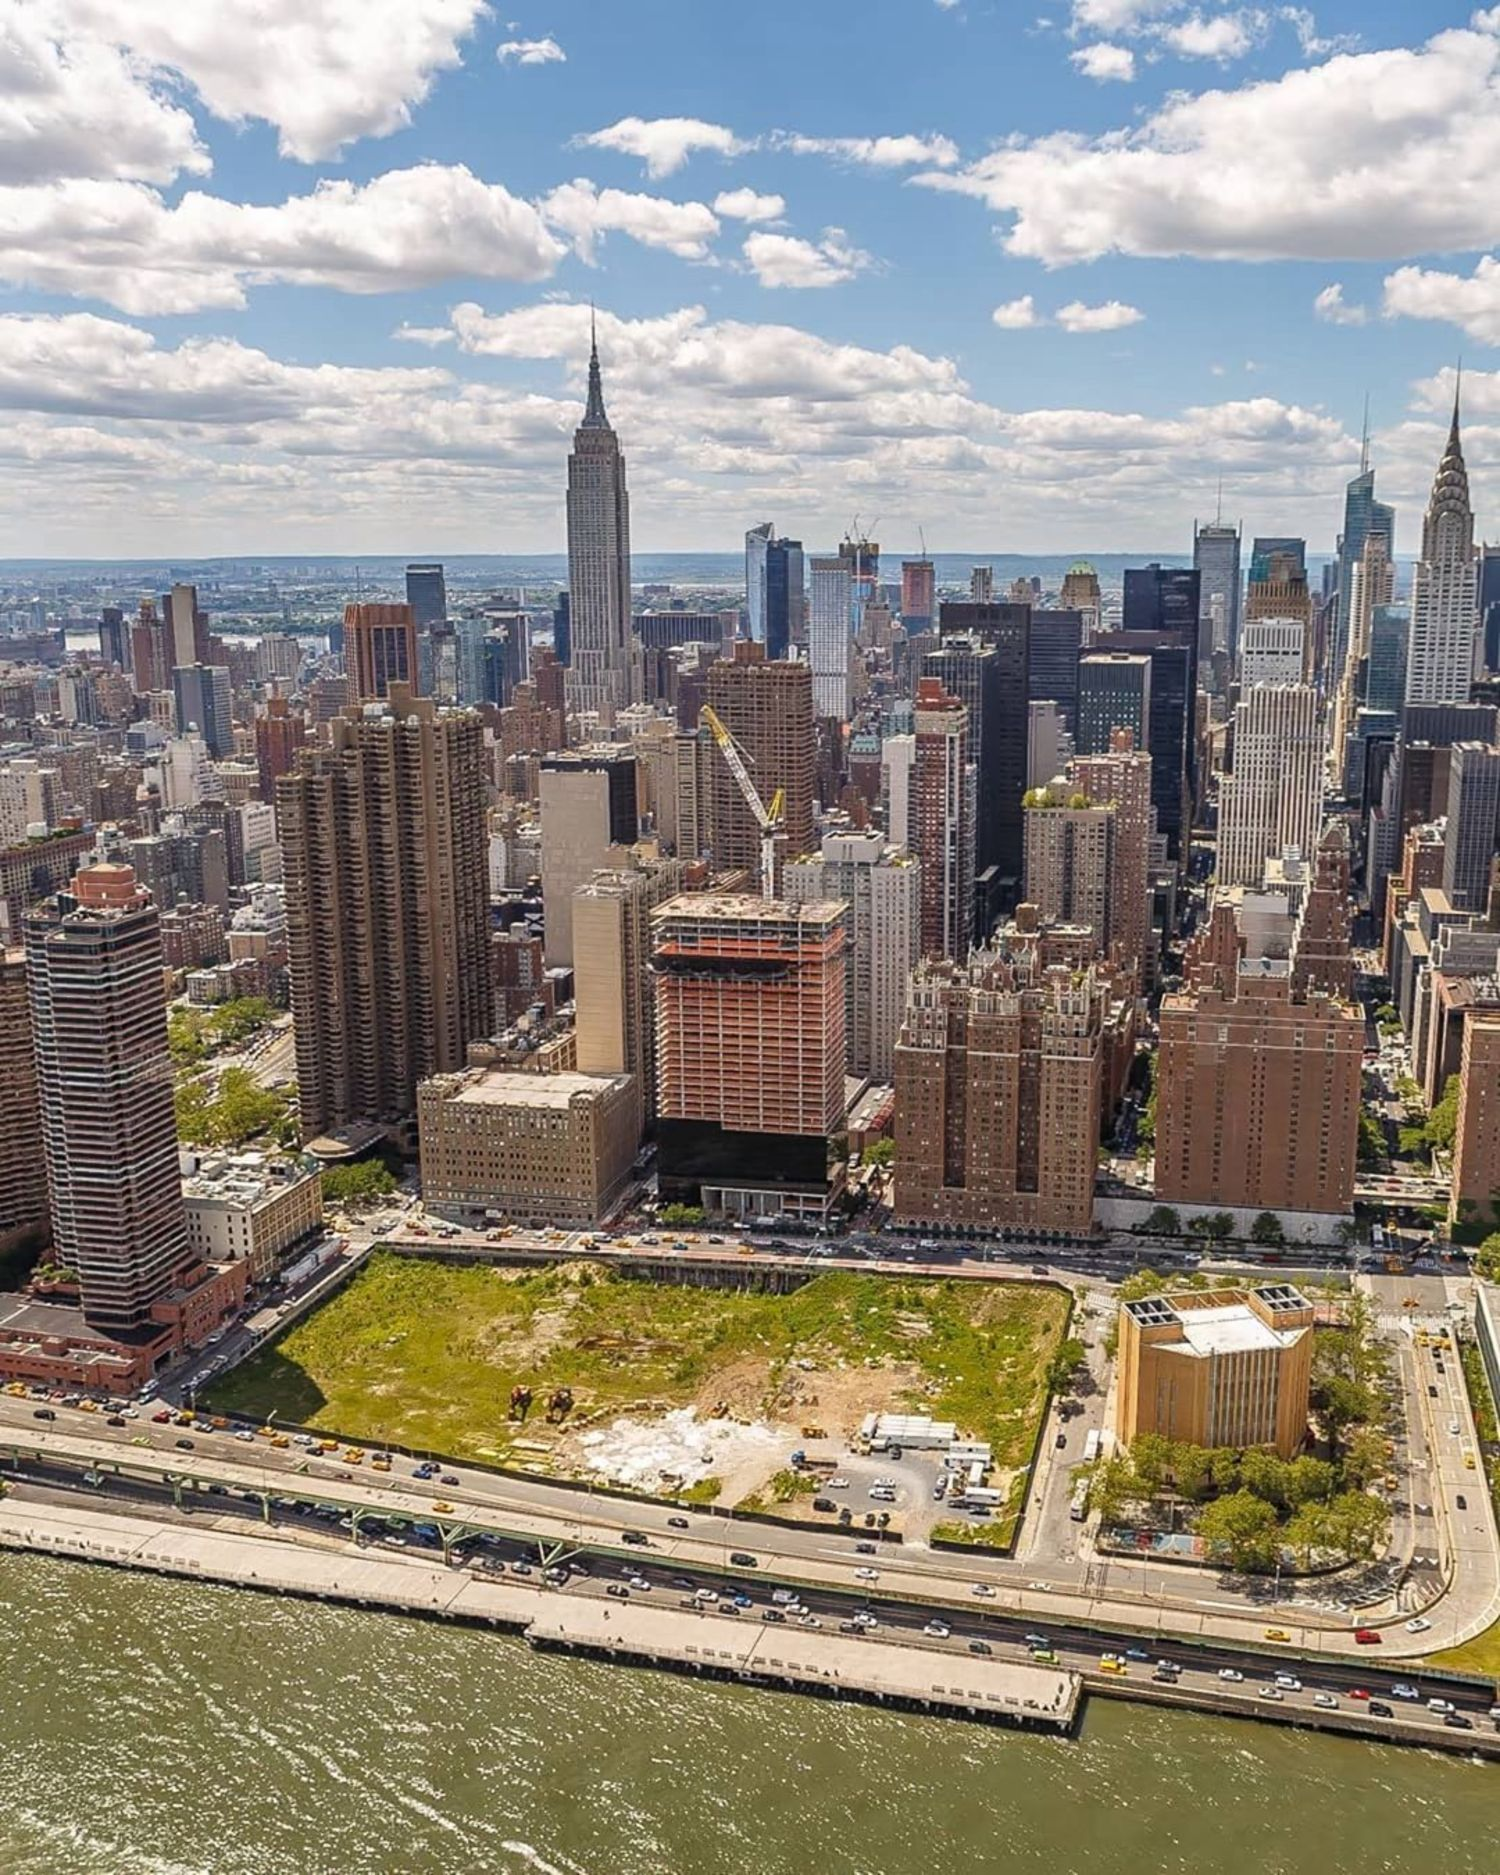 New York, New York. Photo via @killahwave #viewingnyc #nyc #newyork #newyorkcity